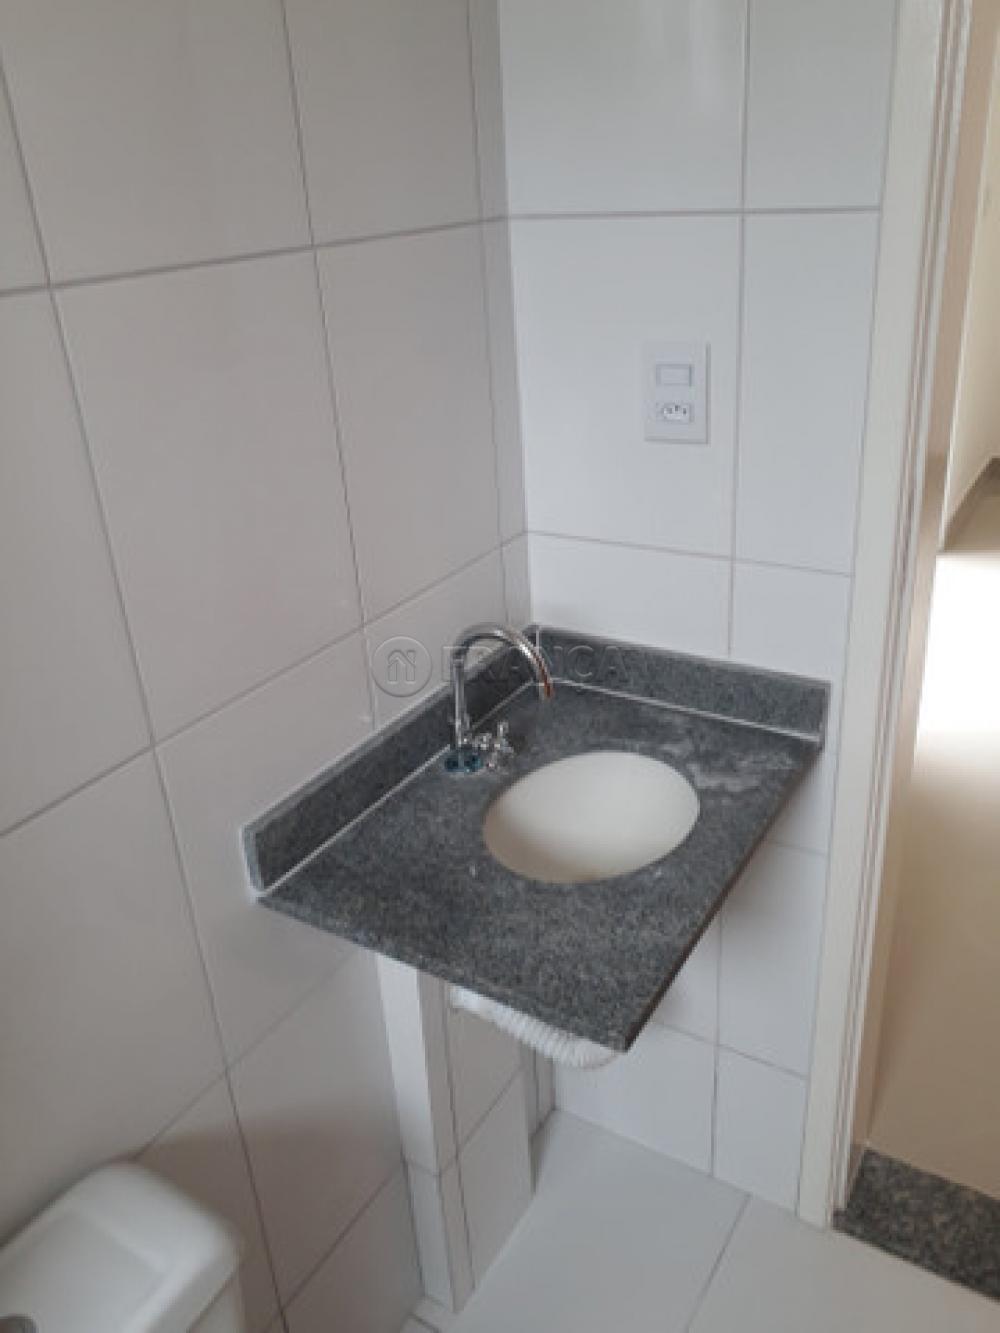 Comprar Apartamento / Padrão em São José dos Campos apenas R$ 160.000,00 - Foto 11